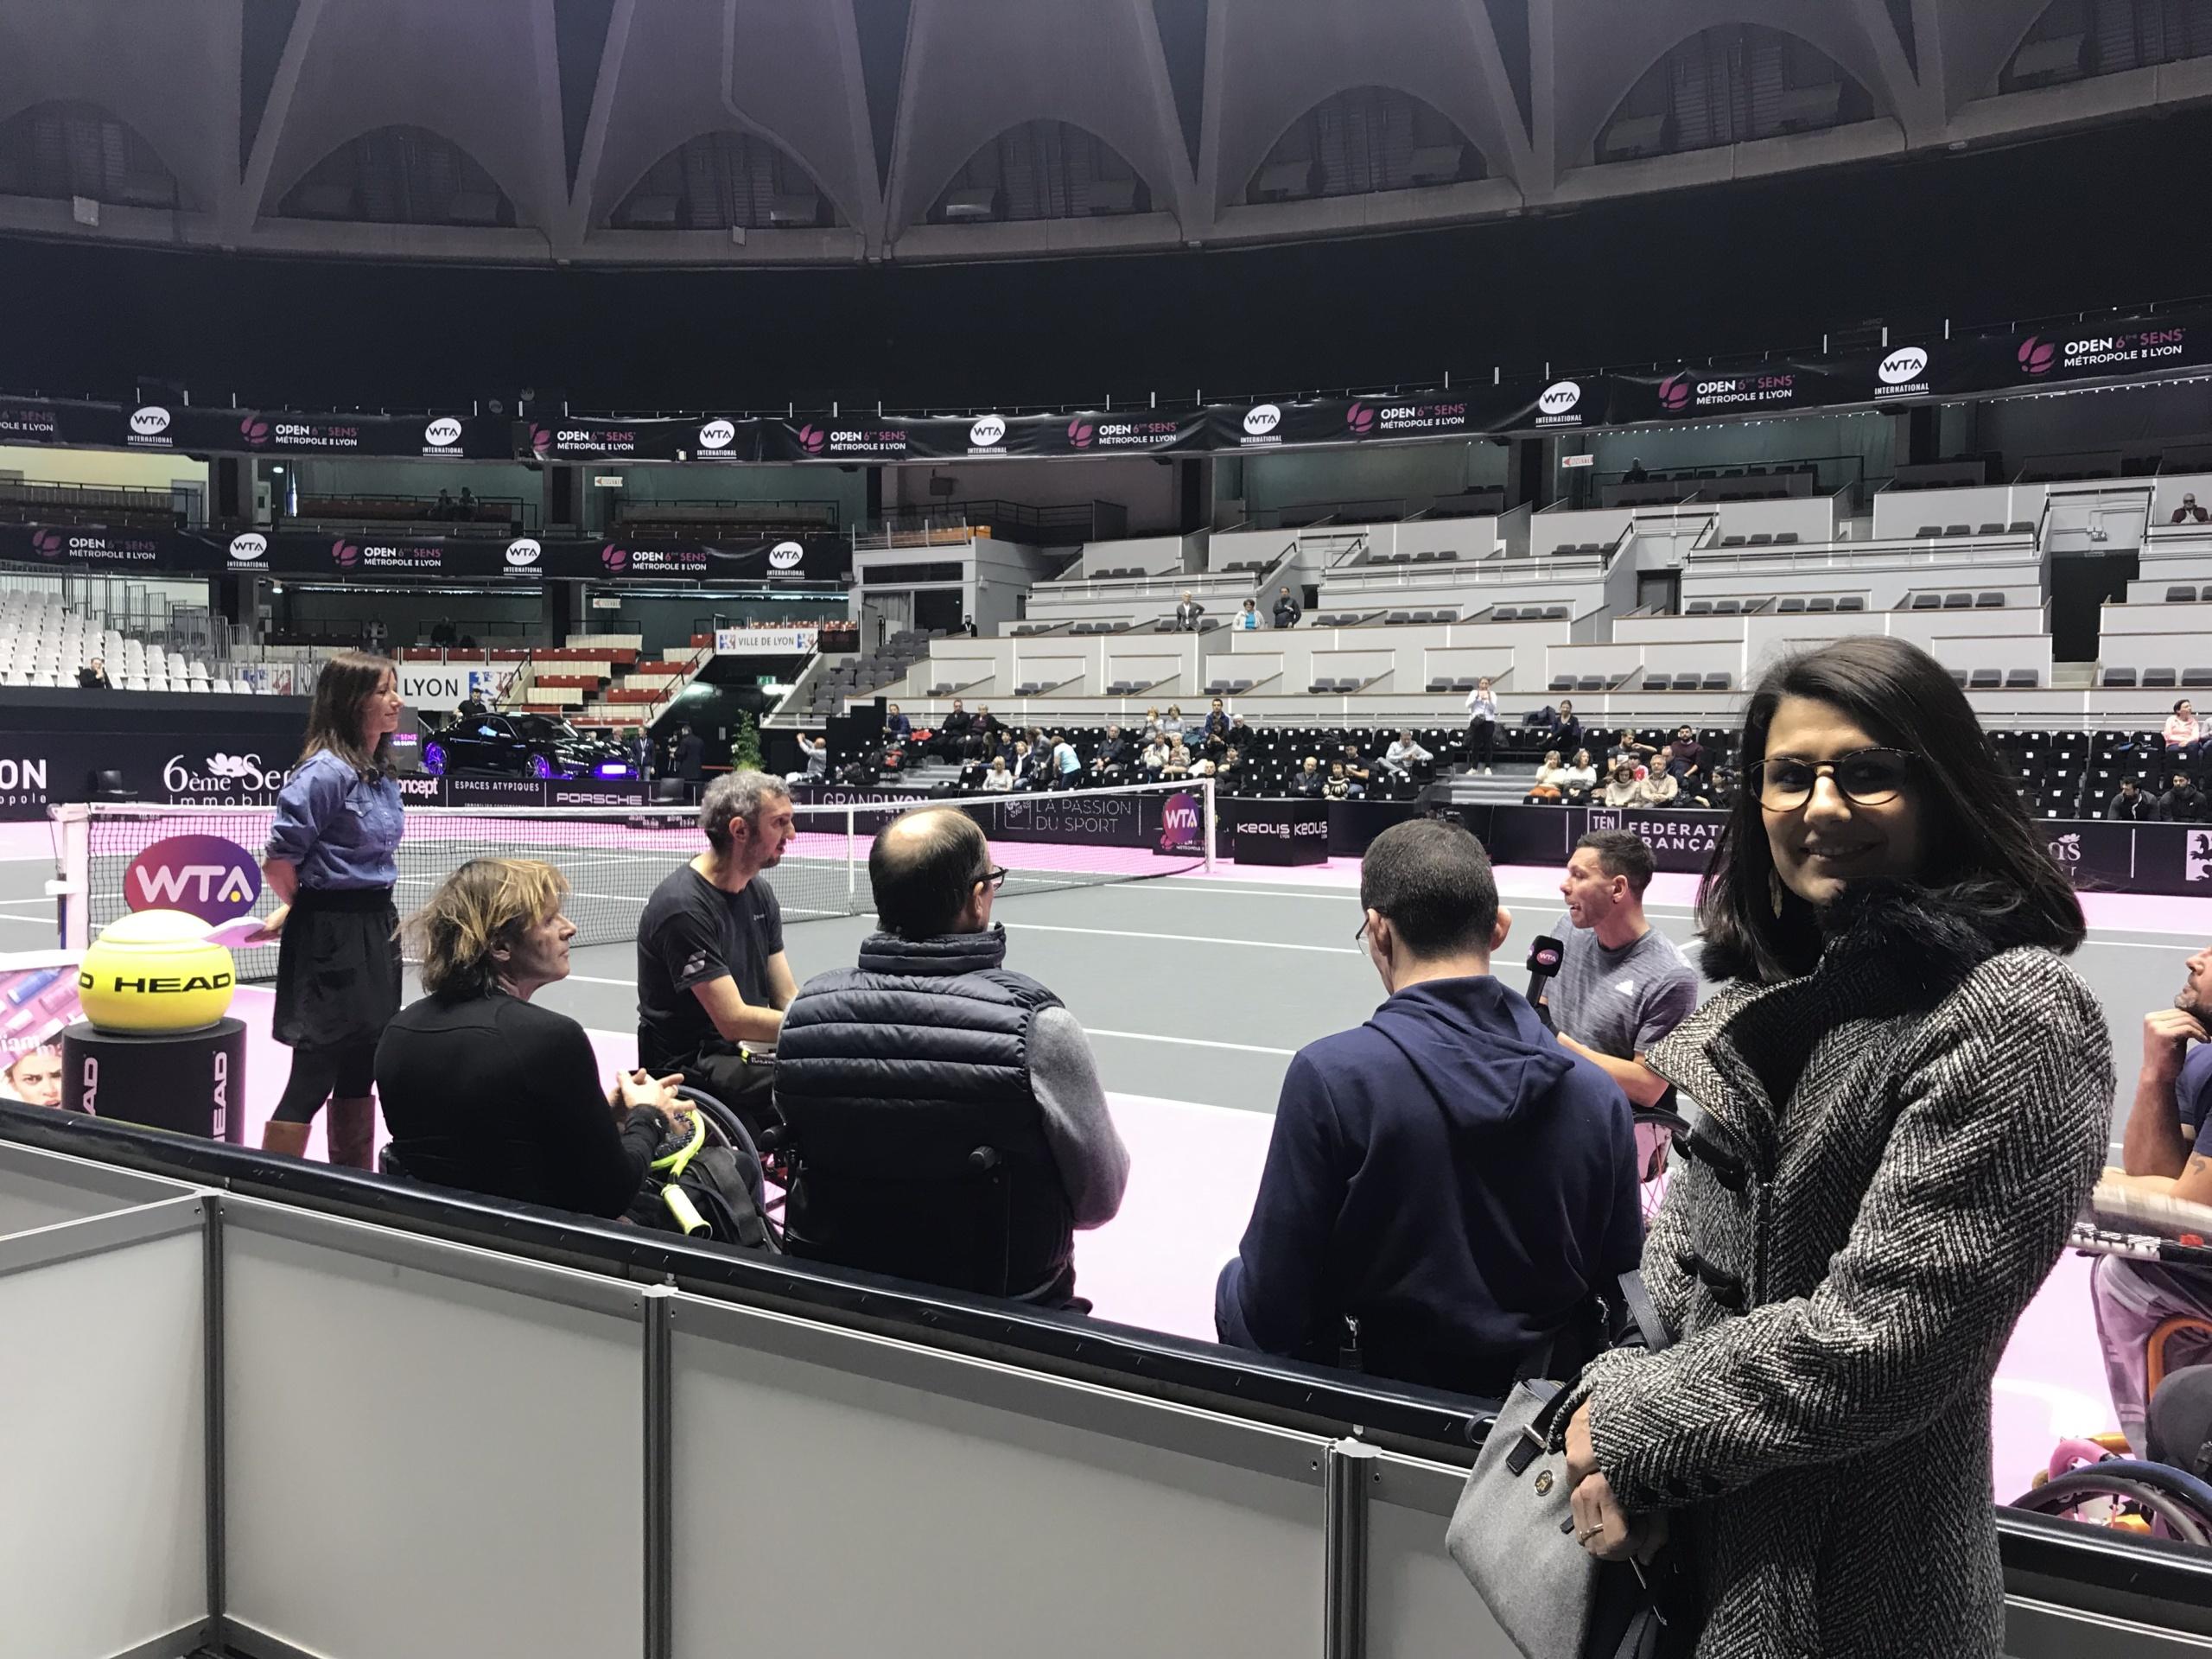 laetitia KAssapian Rex Rotary Mission Handicap à la journée Tennis Handicap de l'open de tennis Féminin de Lyon